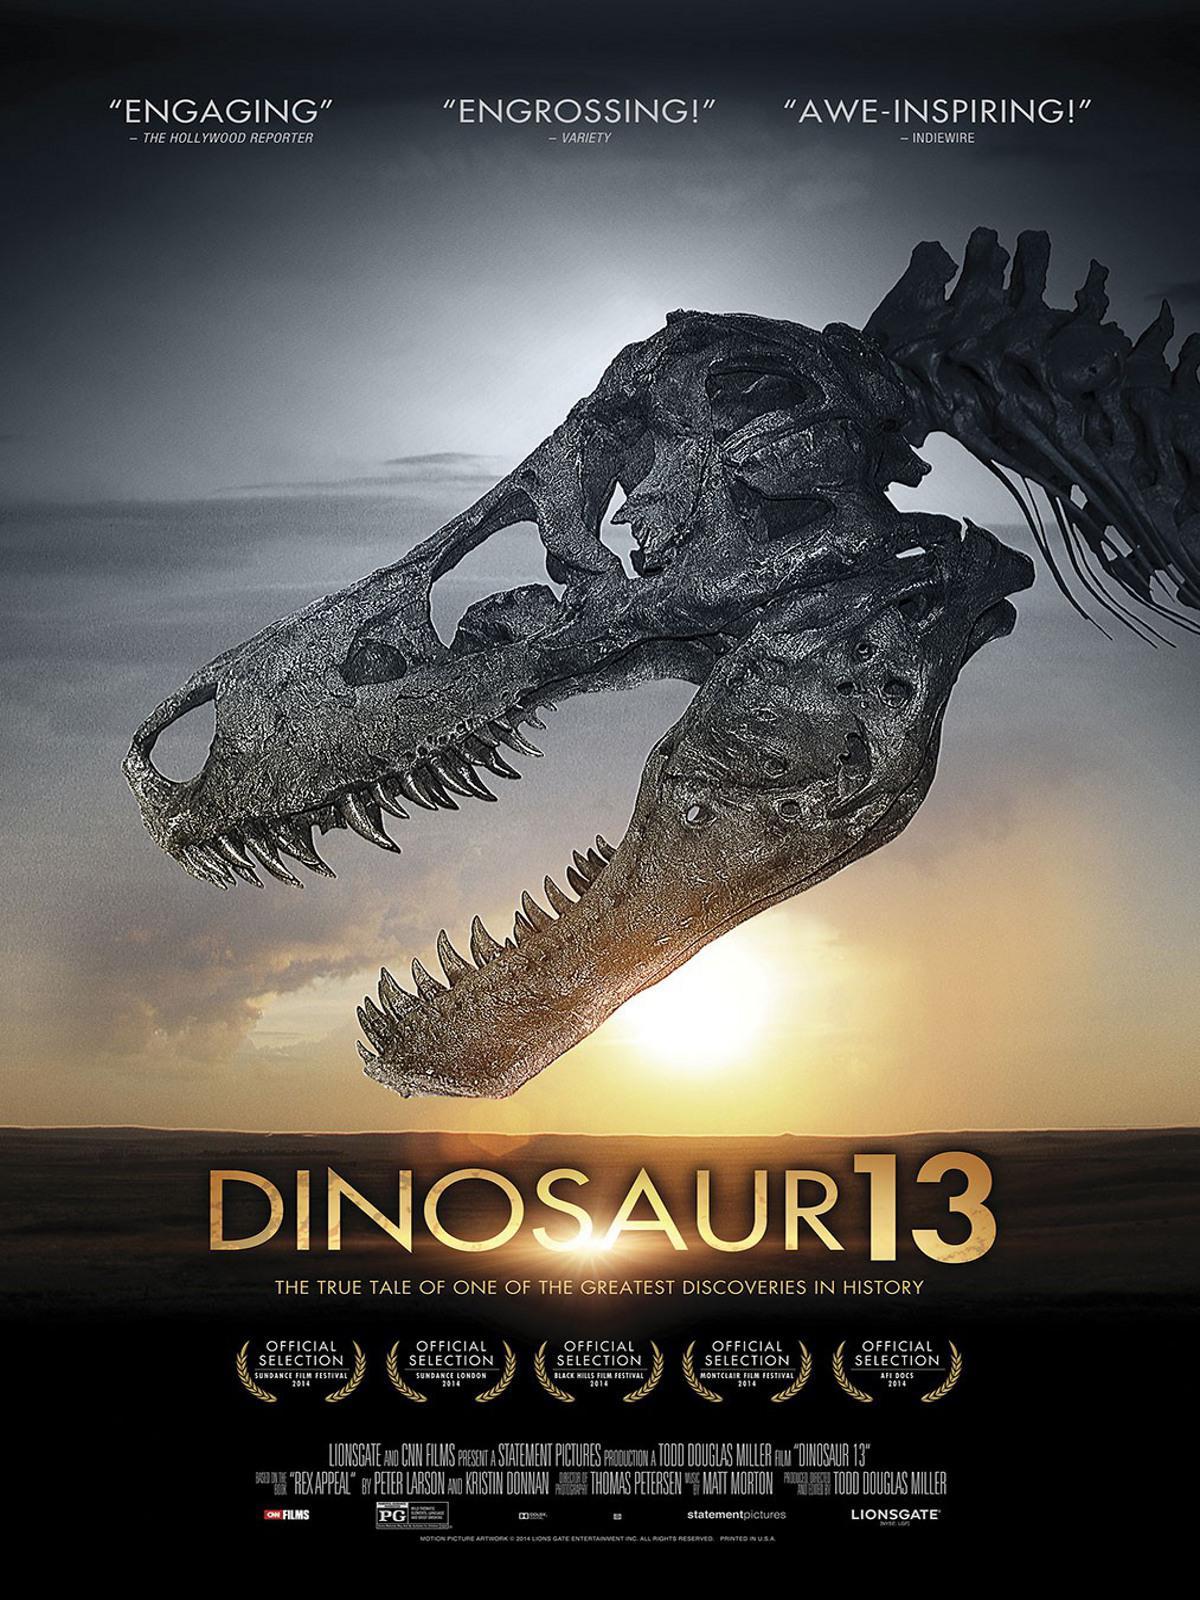 Dinosaur 13 Movie Review English